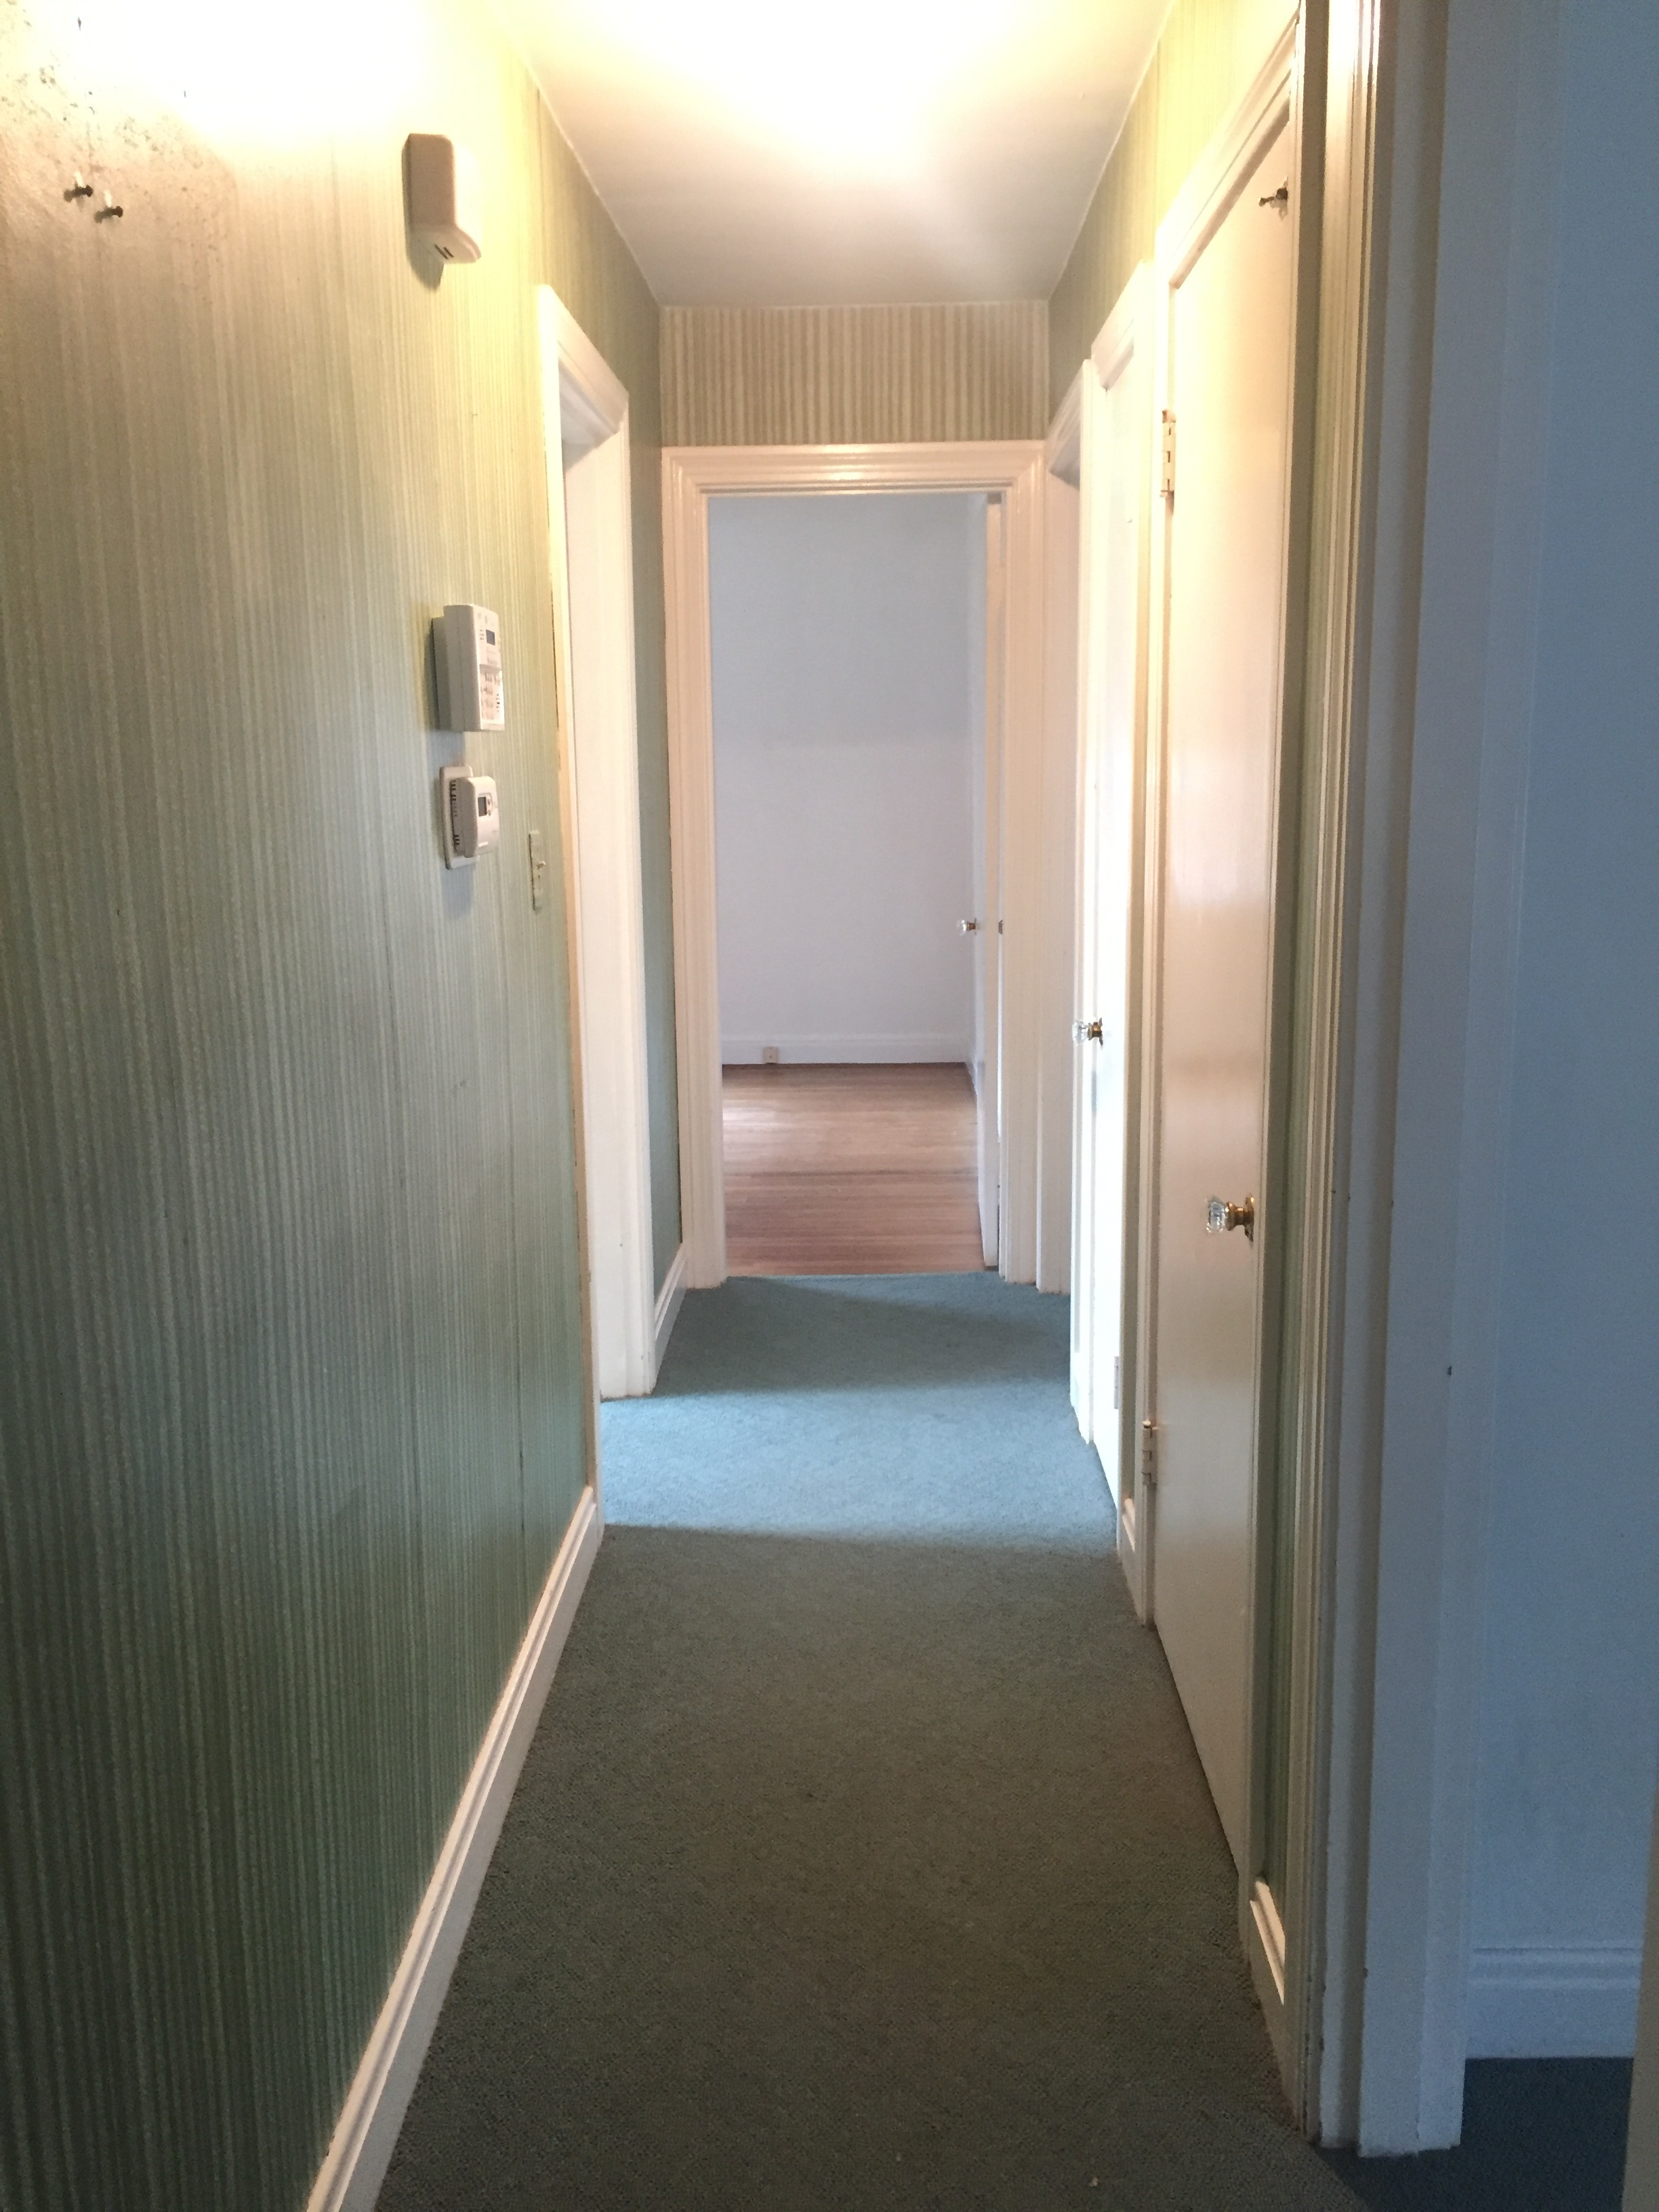 Hallway to first floor bedrooms